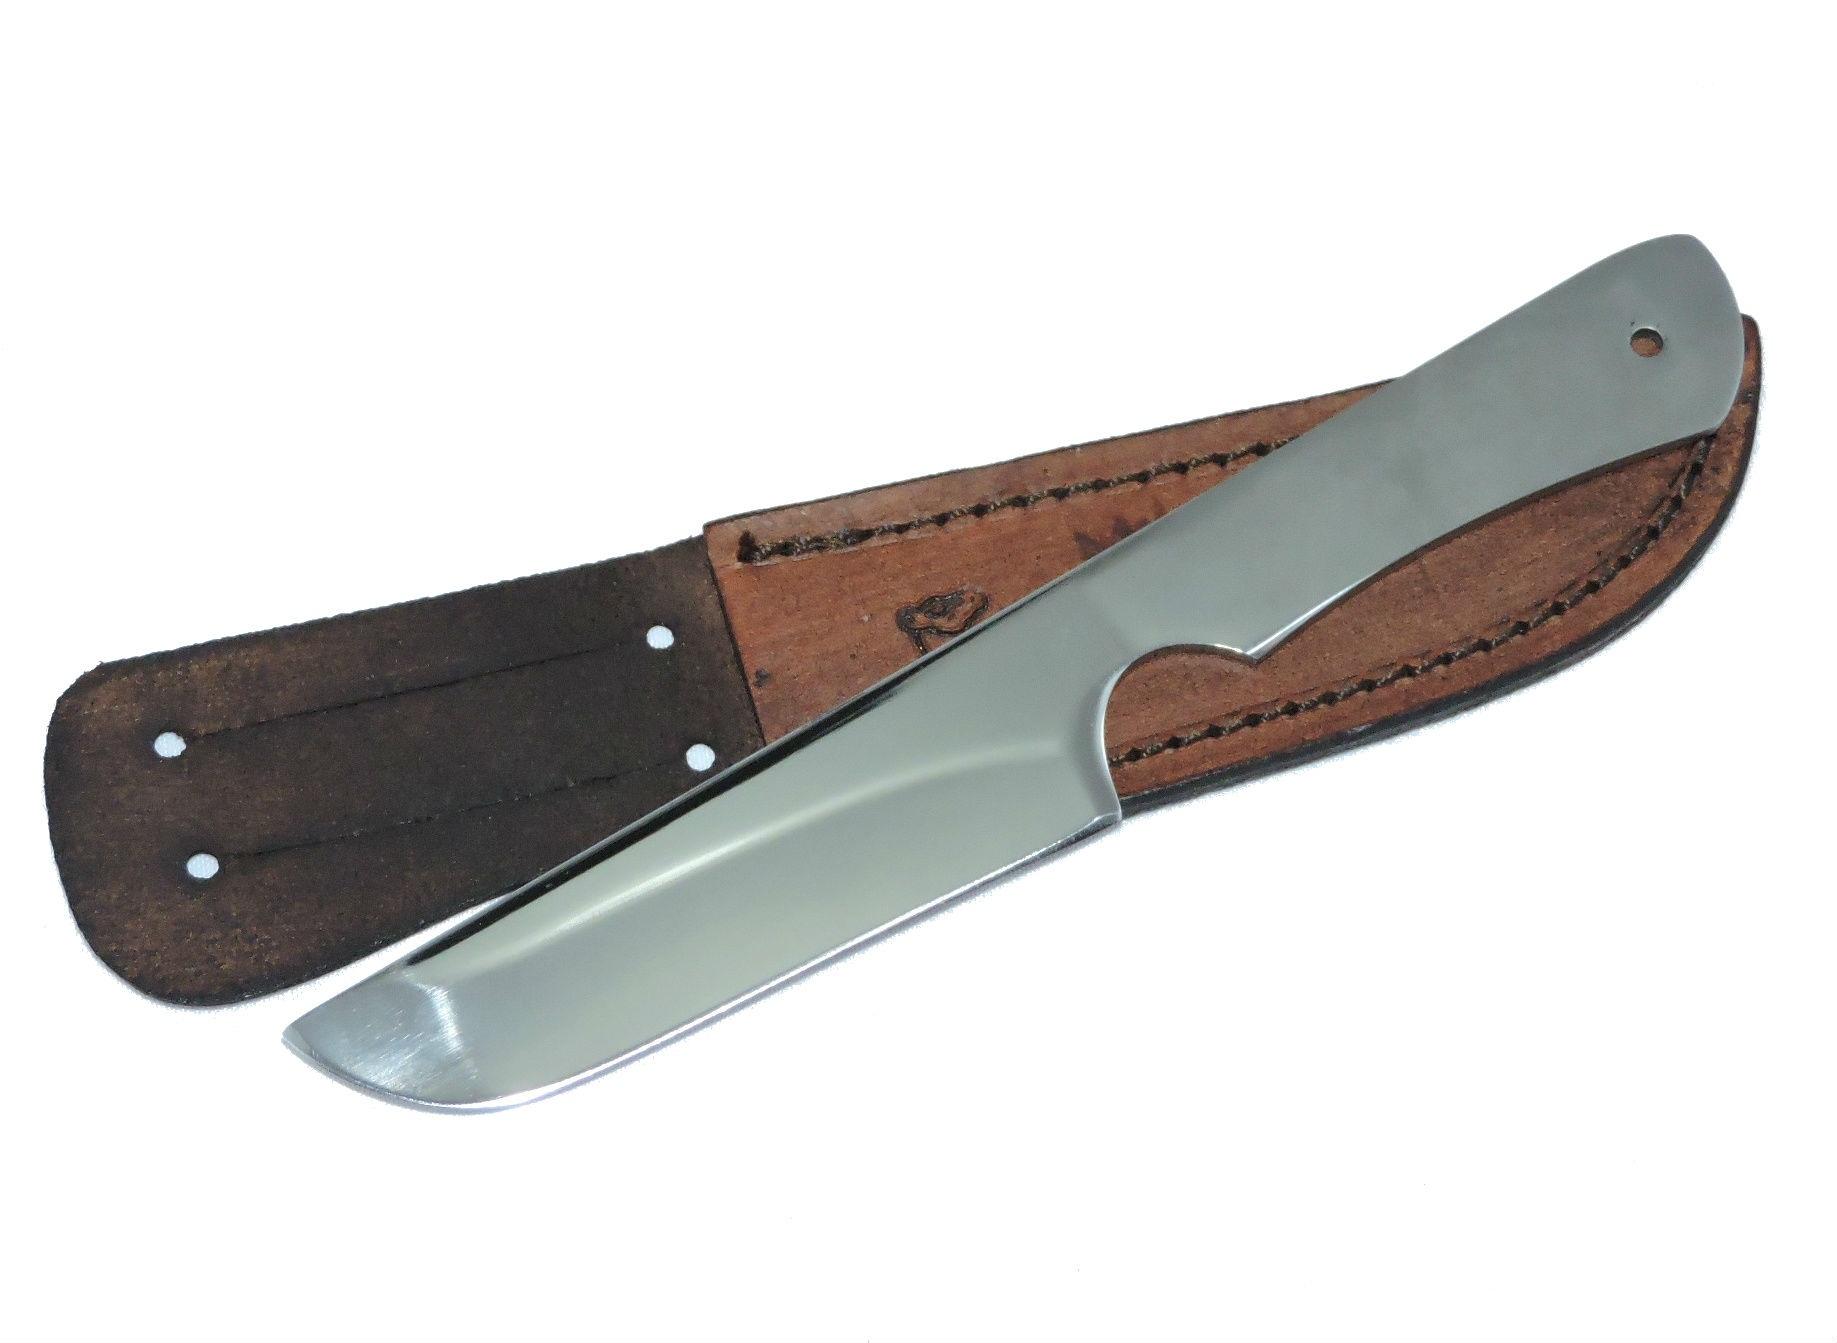 faca-especial-castradeira-p-veterin-rios-ou-bushcraft-3-.jpg